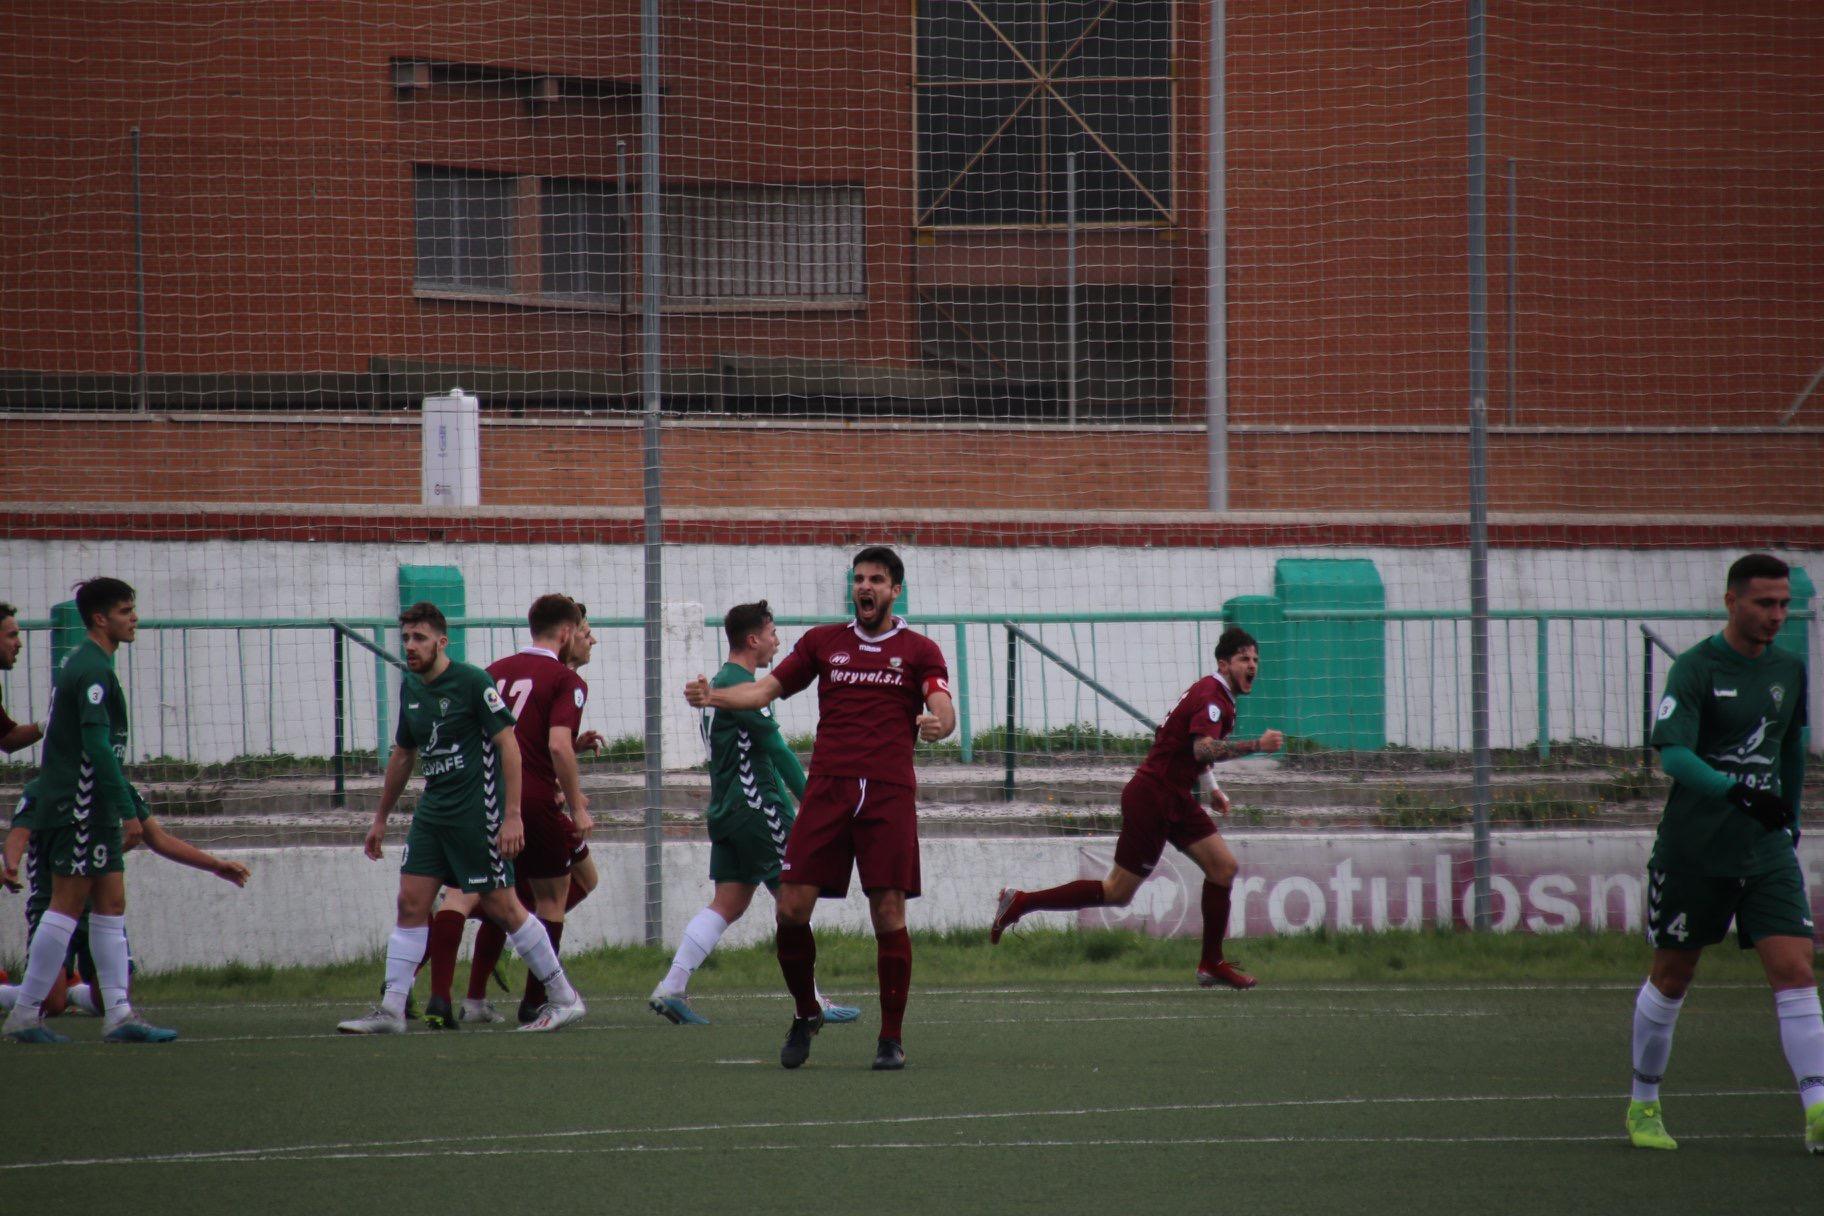 CRÓNICA TERCERA | El Villaverde remonta el partido y deja al equipo sin puntos por tercera semana consecutiva